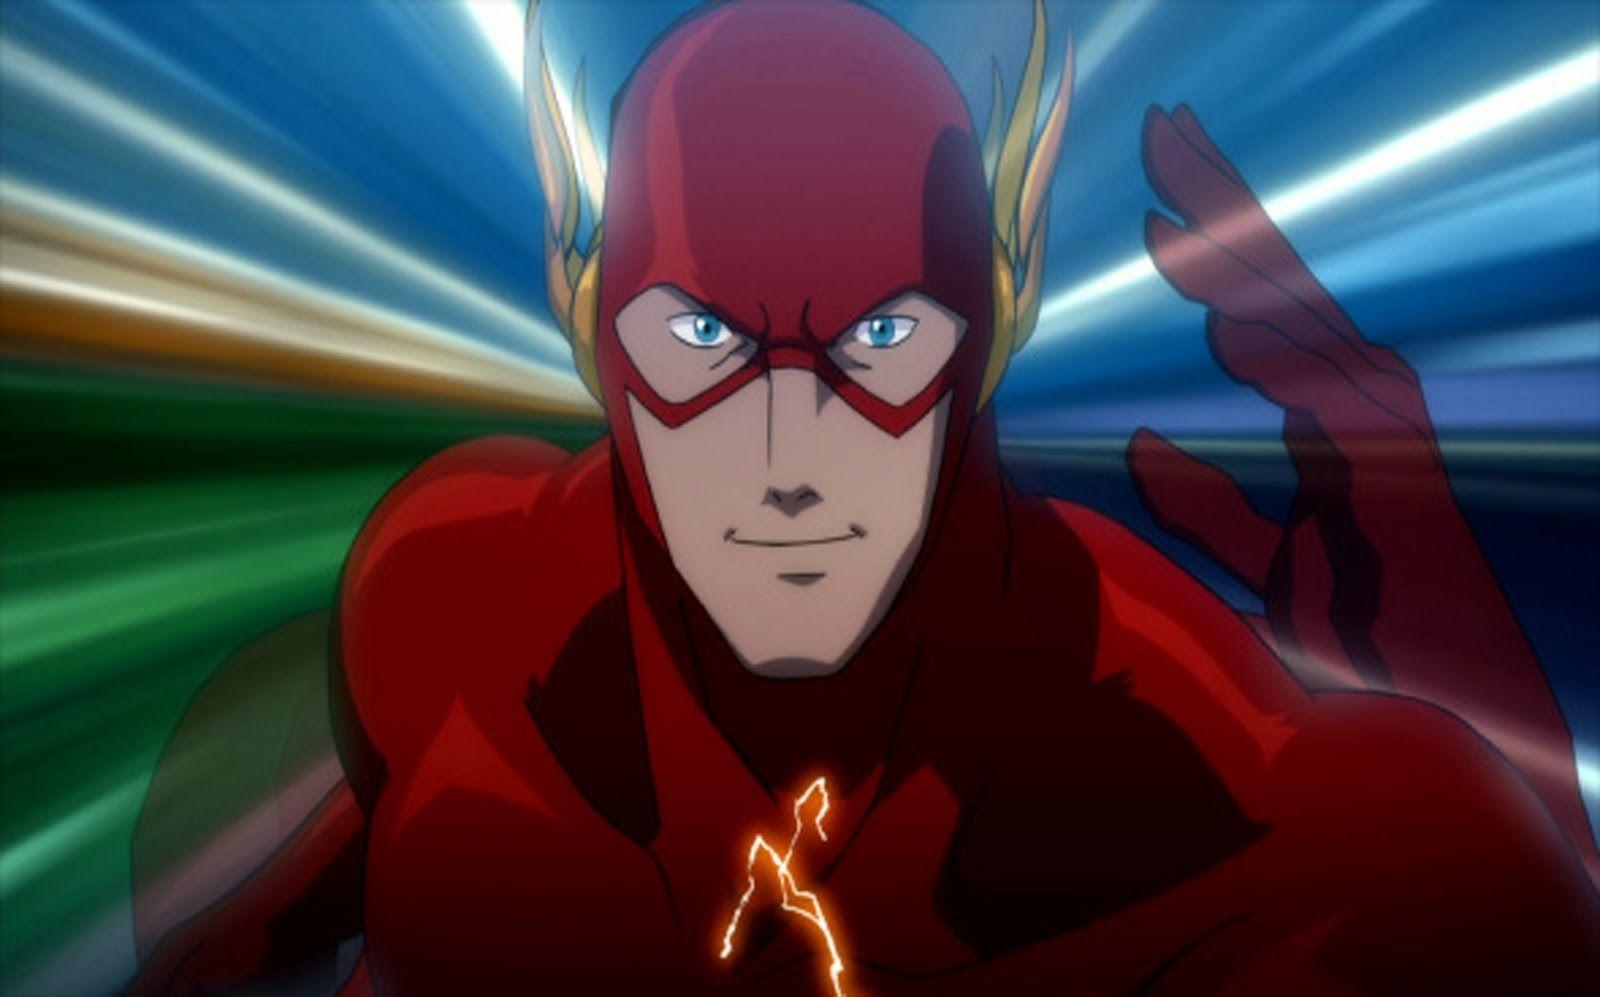 Back Seat Viewer Movie Review Justice League The Flash Point Paradox Liga Da Justica Animada Filmes De Animacao Filmes